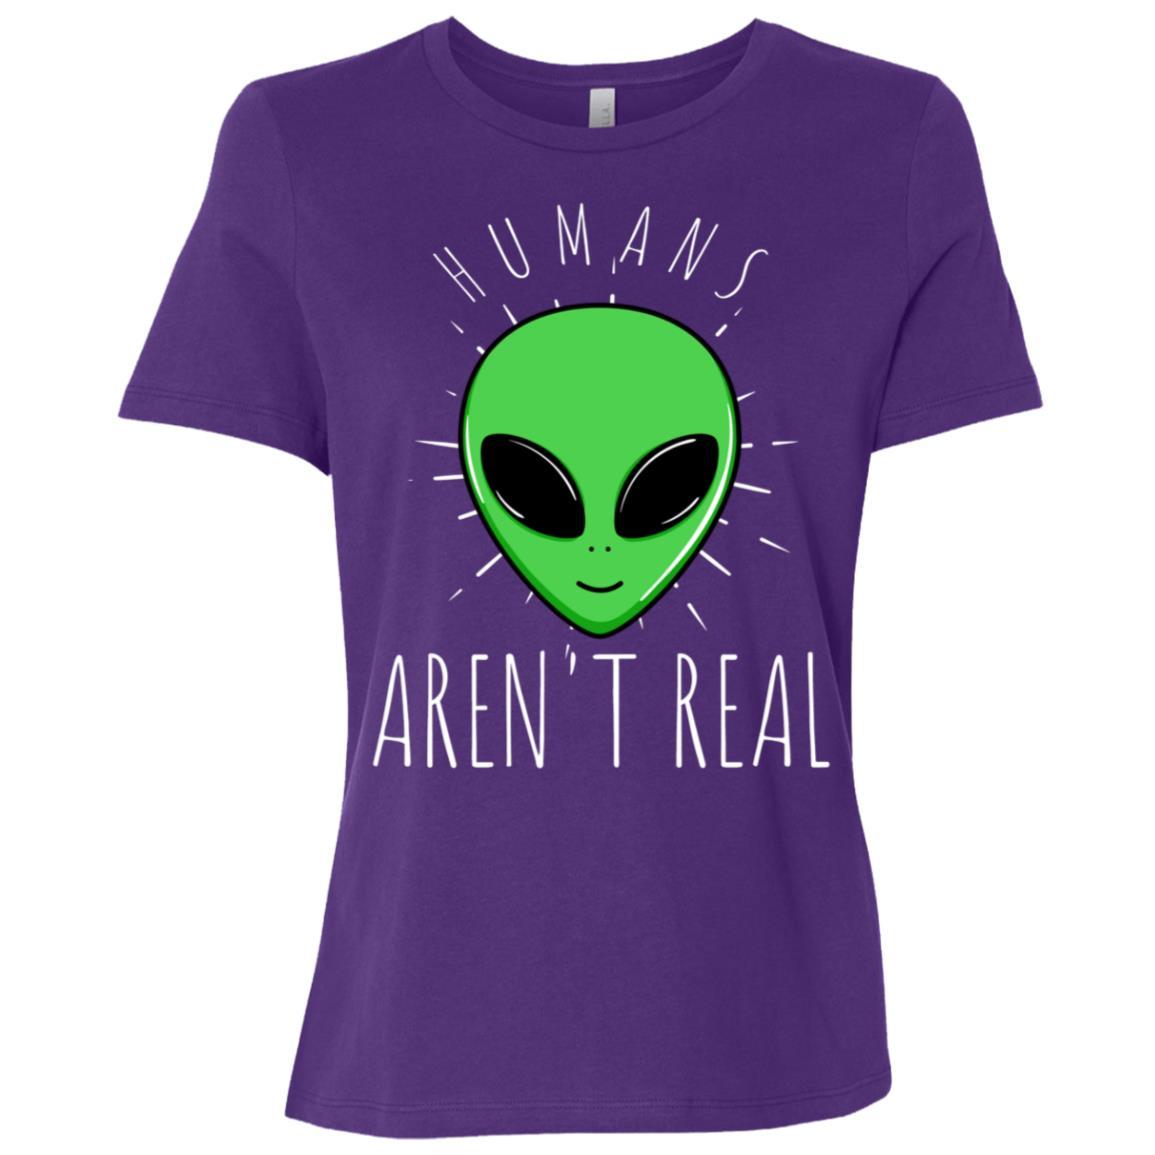 Alien Humans Aren't Real Ufo Space World Women Short Sleeve T-Shirt